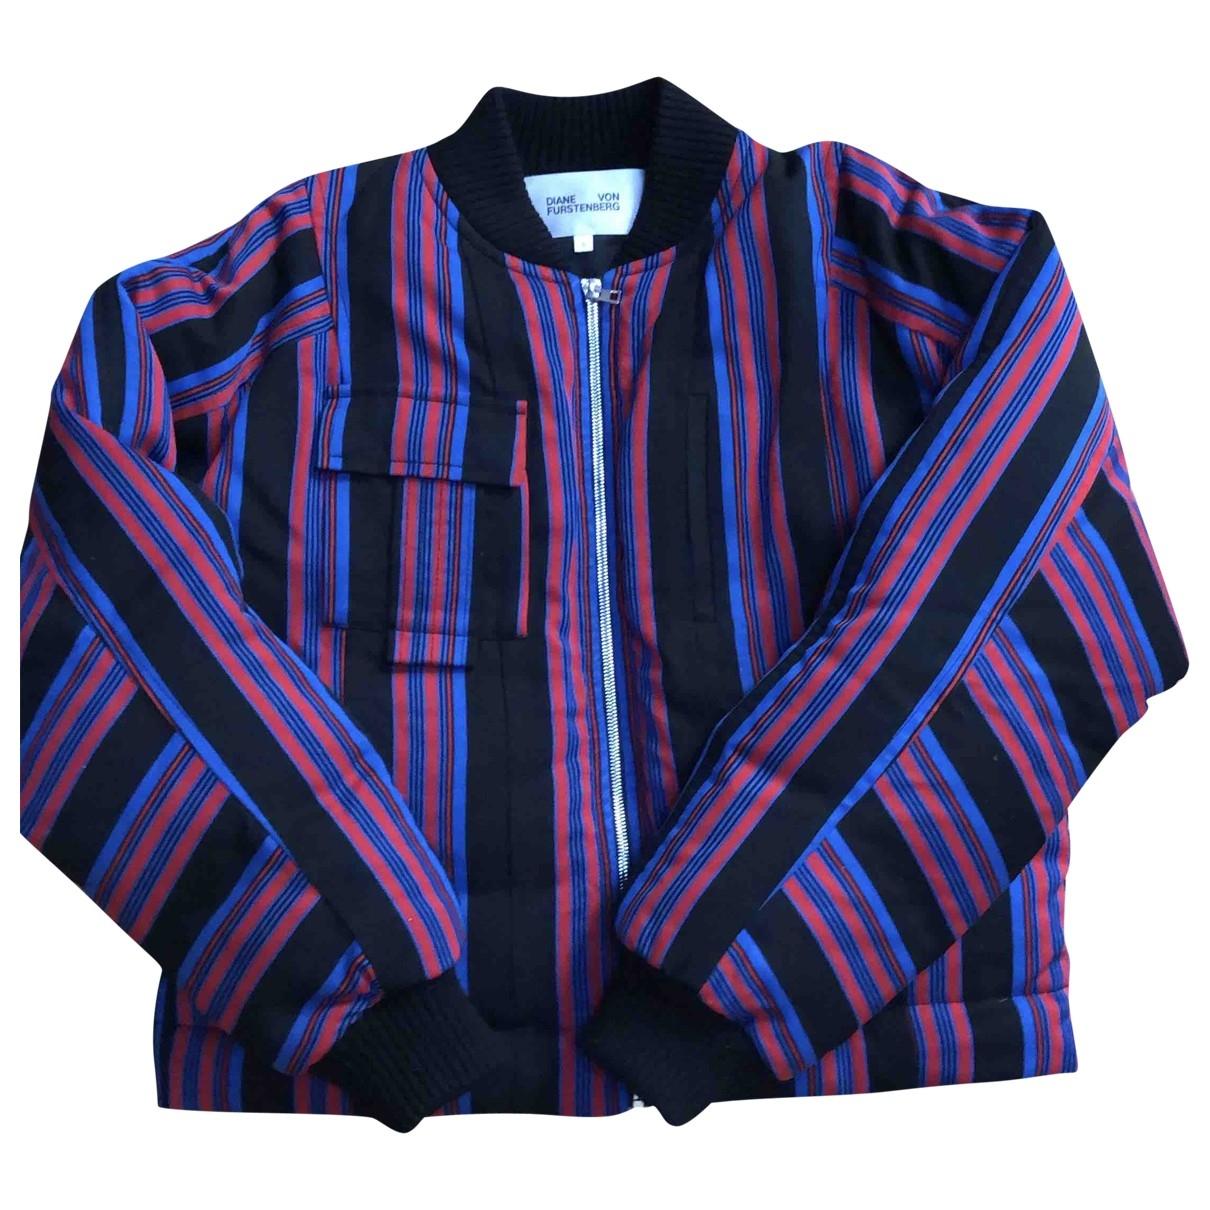 Diane Von Furstenberg \N Multicolour jacket for Women S International